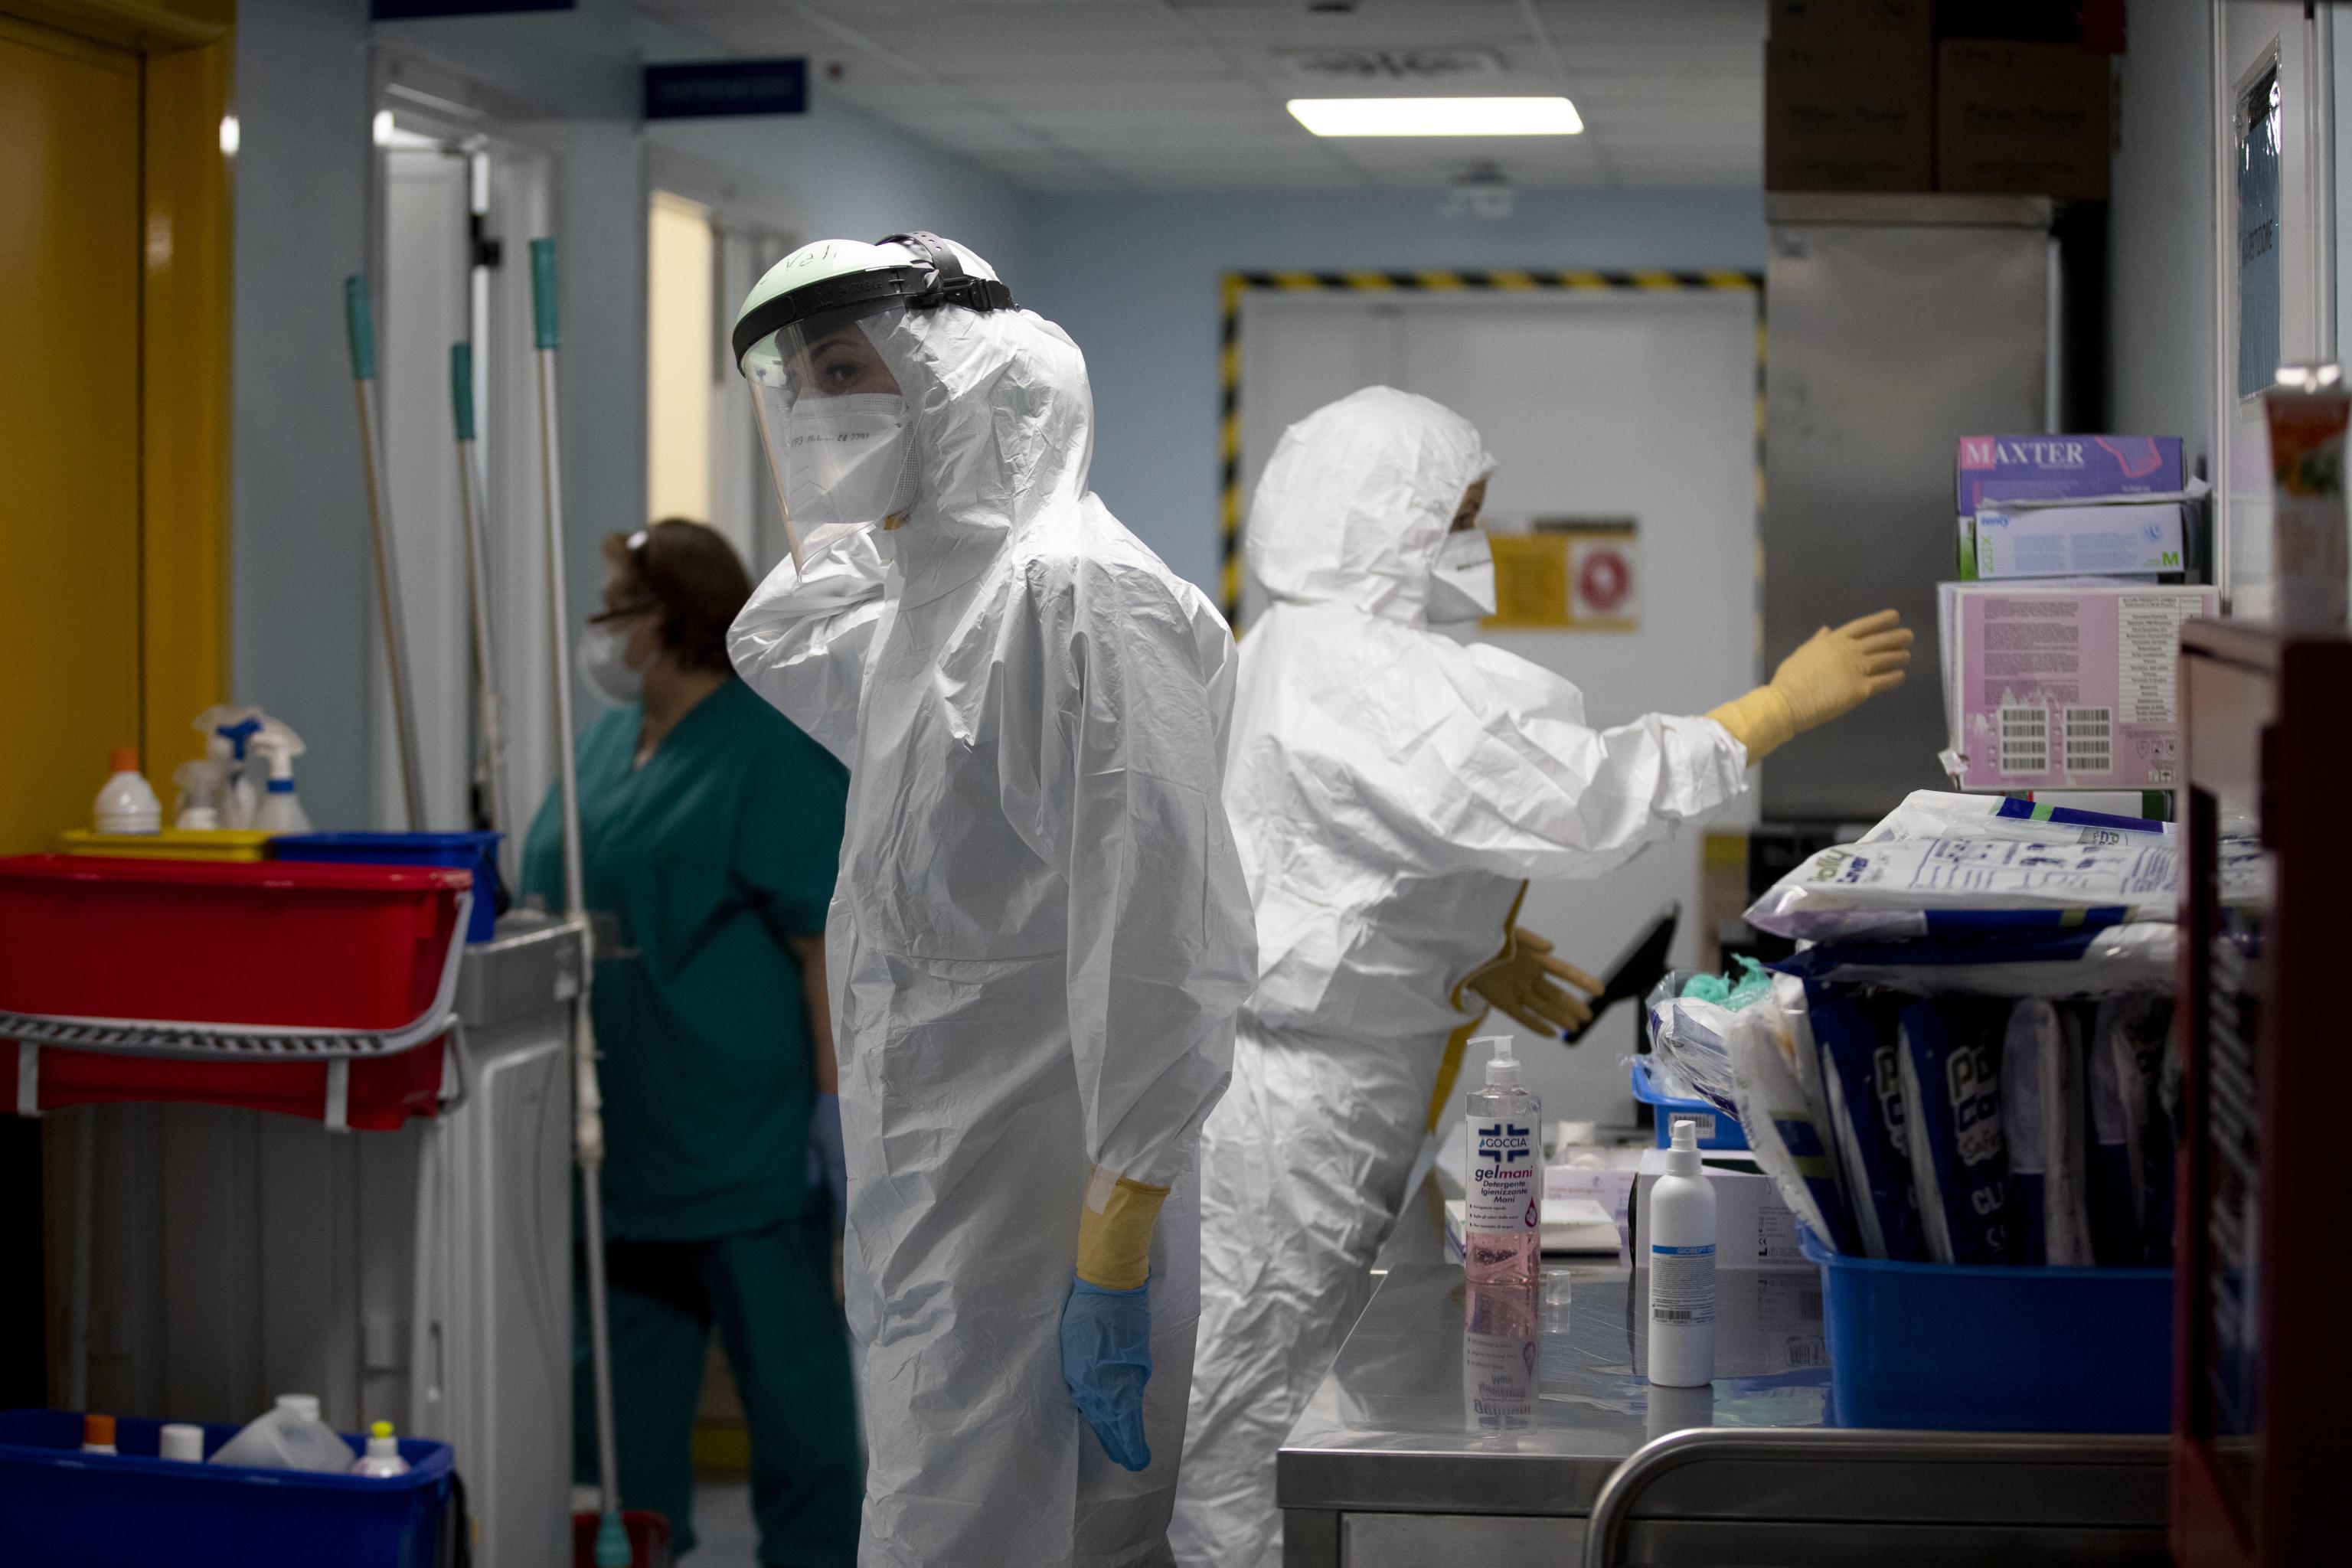 İtalya'da korona virüs salgınında toplam vaka sayısı 2,5 milyonu aştı